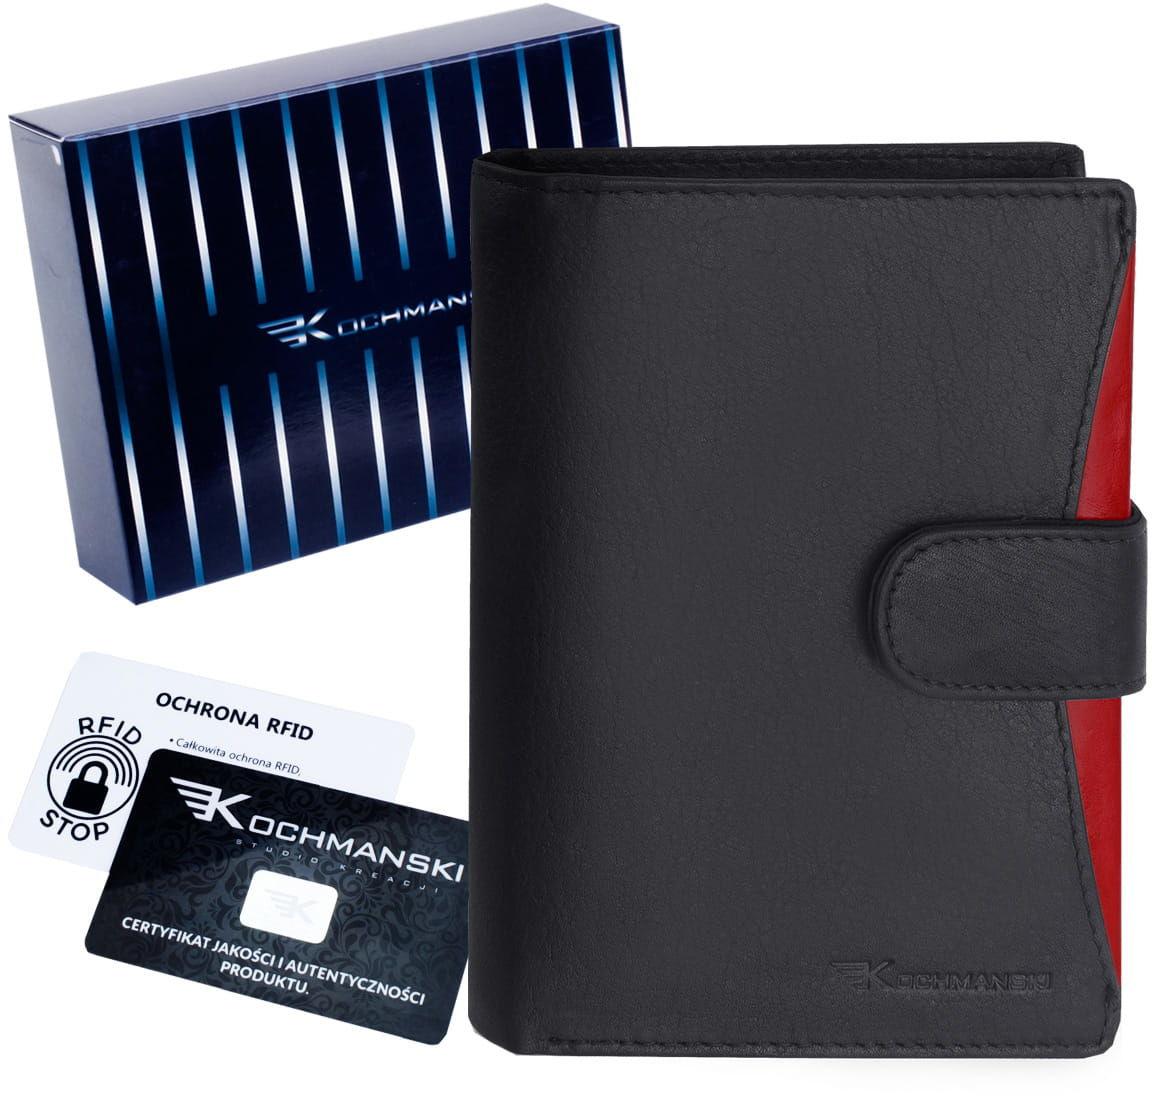 KOCHMANSKI skórzany portfel męski RFID 3252